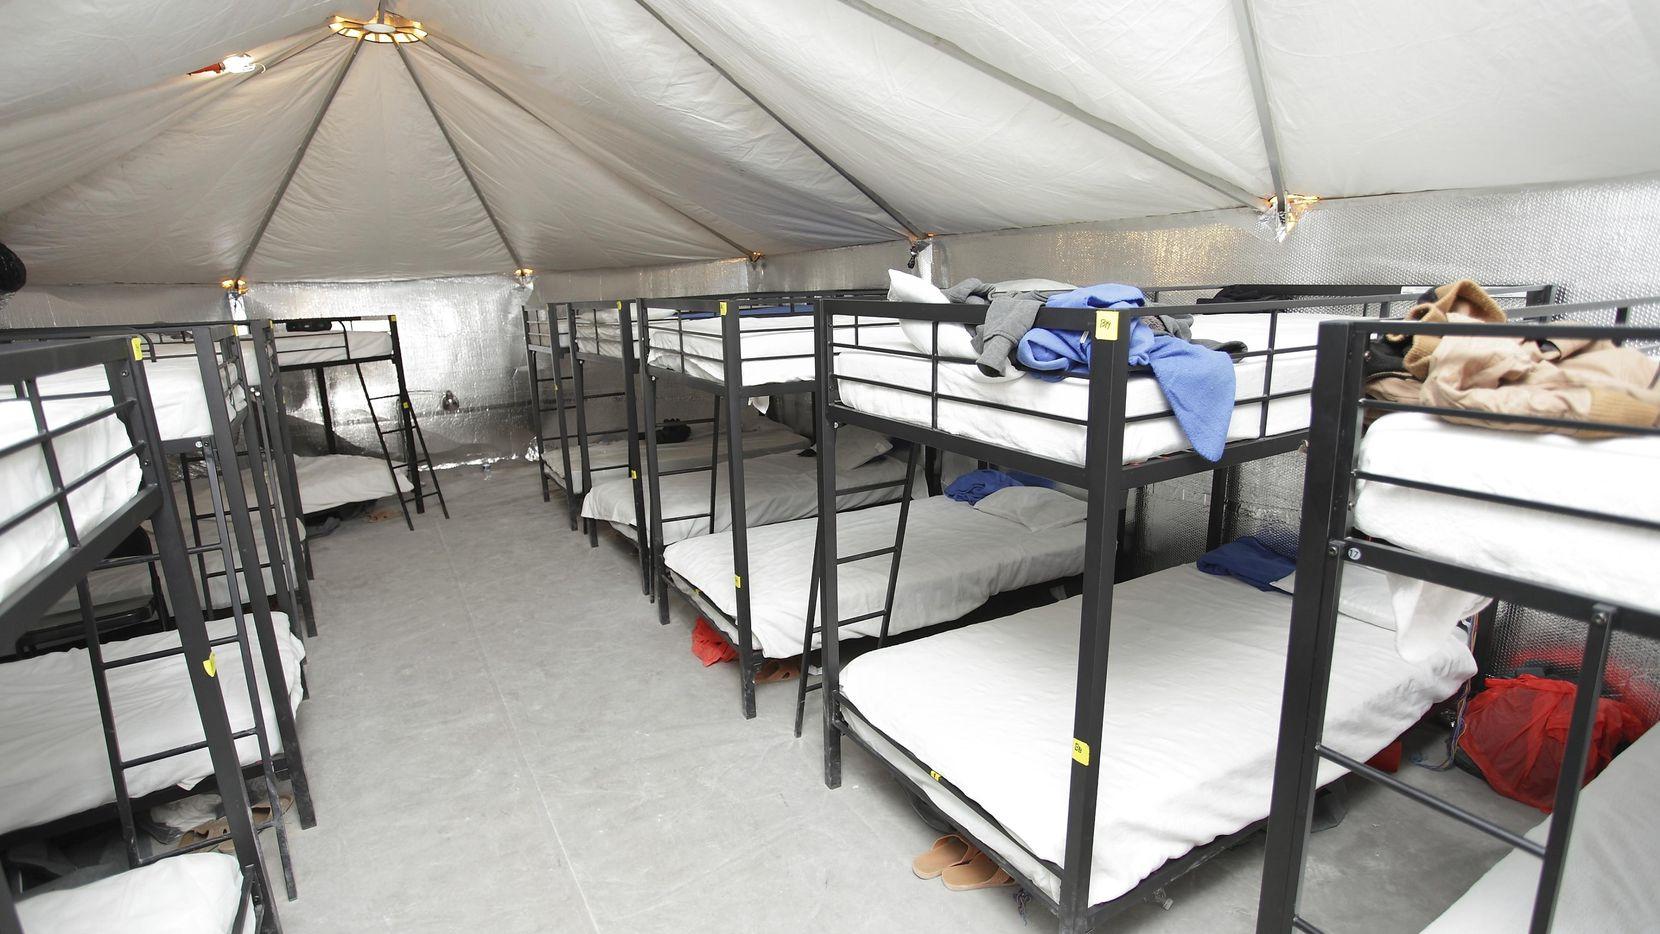 Imágen proporcionada por el Departamento de Servicios Huamnos y de Salud del albergue para menores migrantes en Tornillo, Texas.(AP)